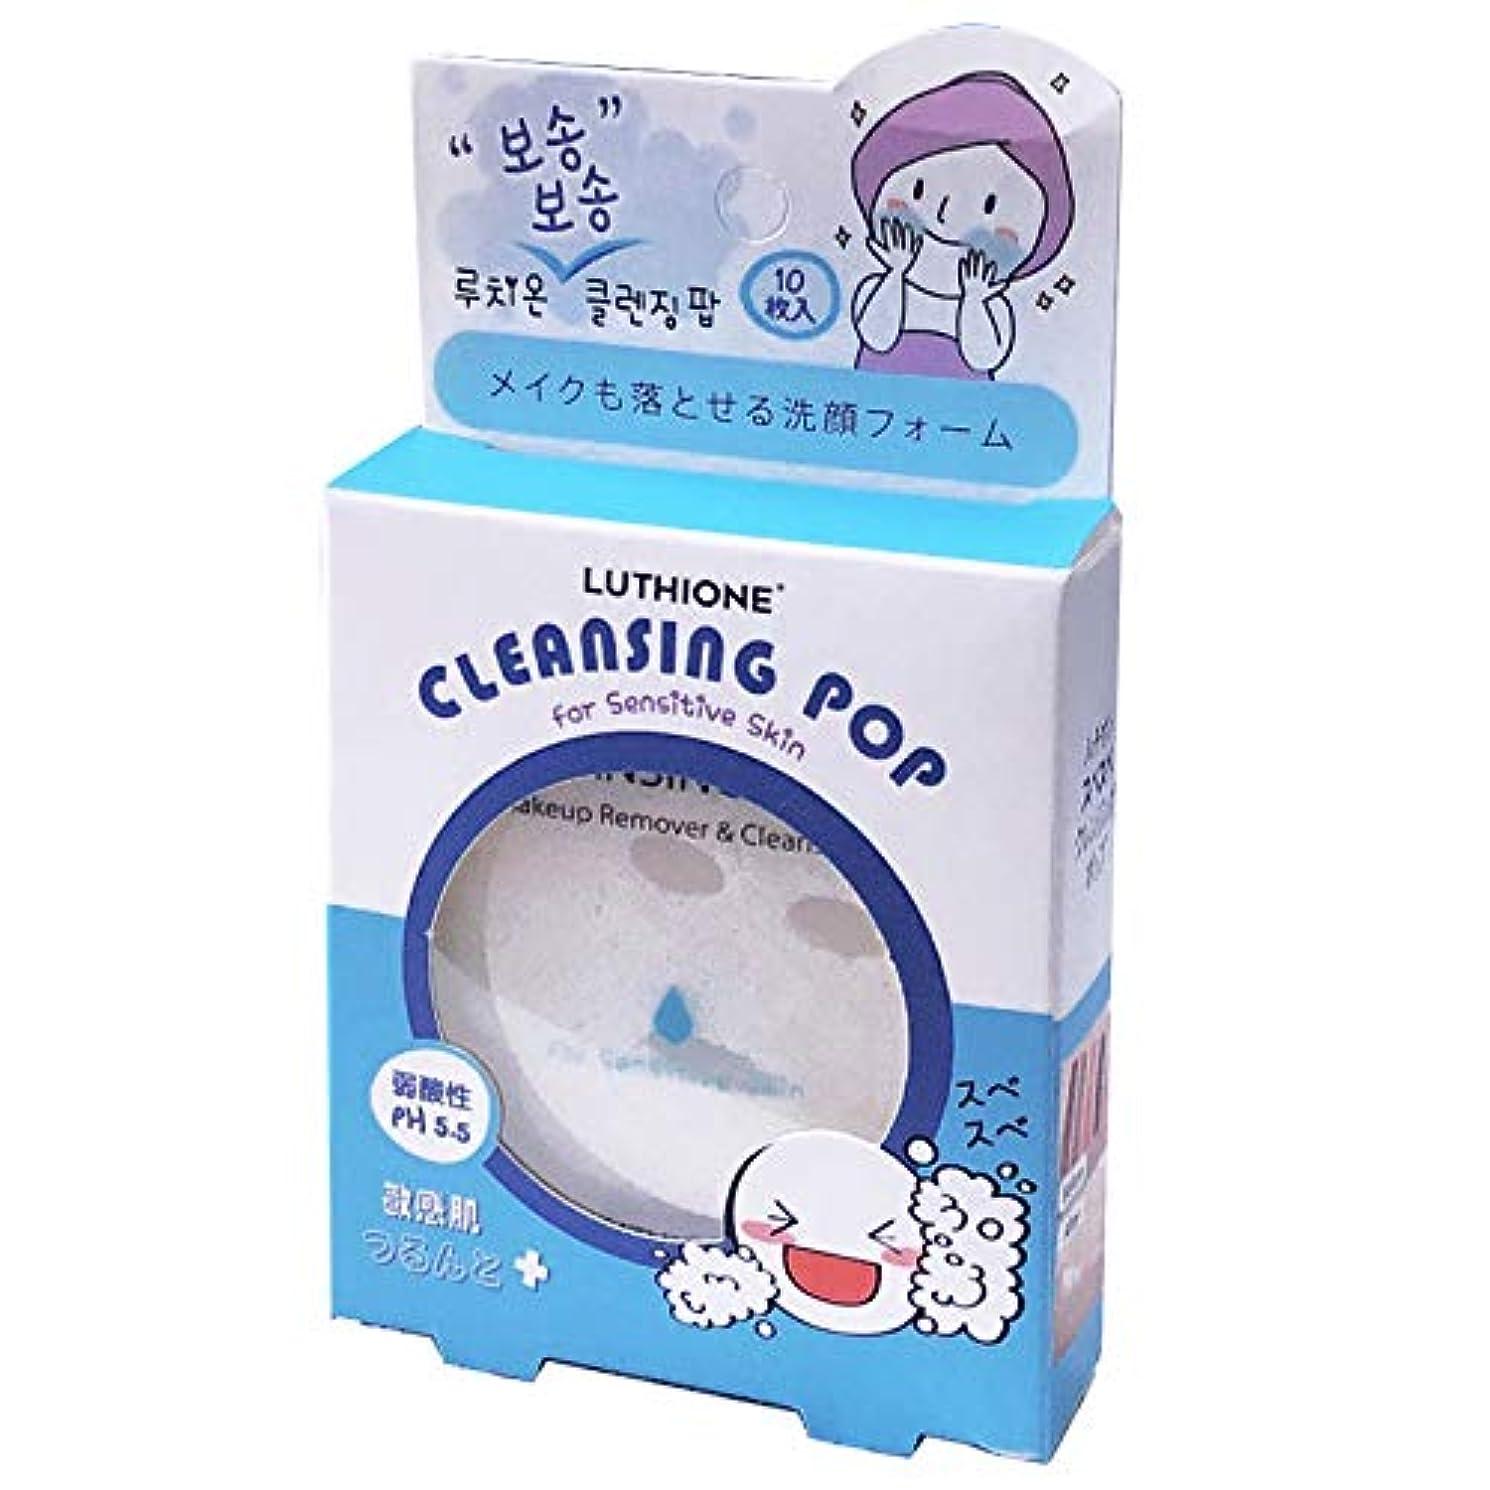 夜明け真実花嫁【まとめ買い】ルチオン クレンジングポップ (LUTHIONE CLEANSING POP) 敏感肌 10枚入り ×2個